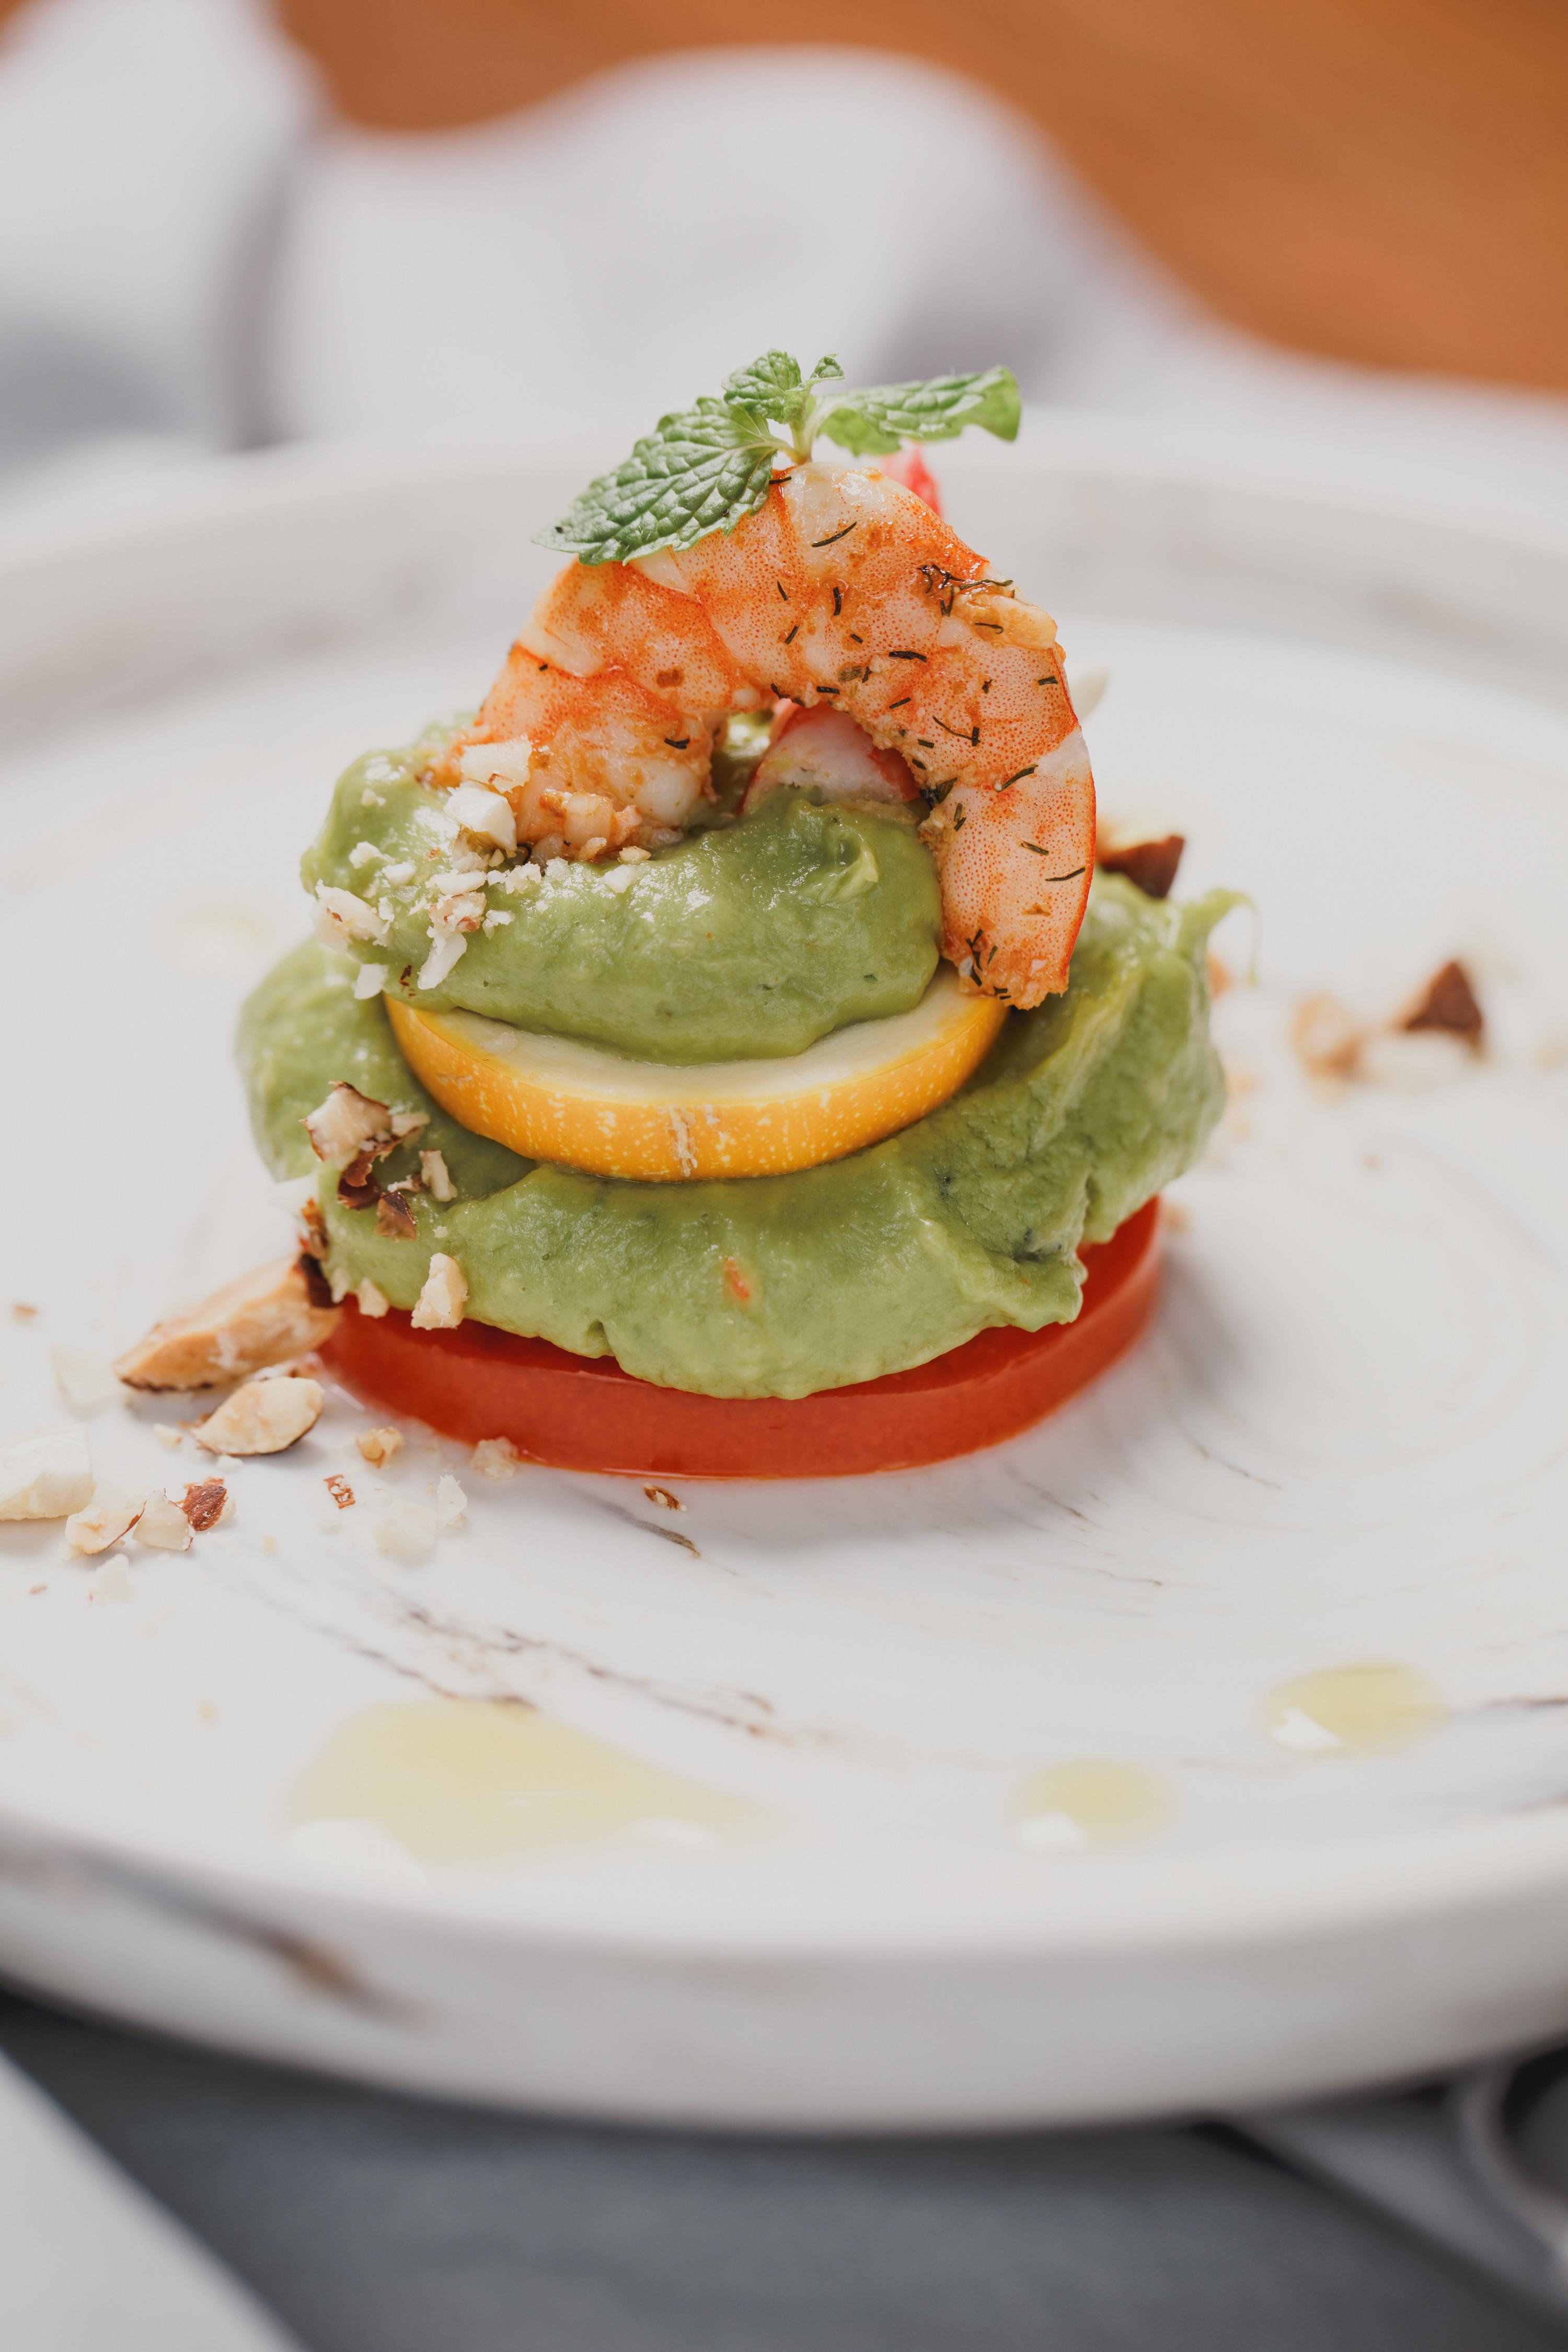 低醣料理 <沙拉> 白蝦酪梨番茄塔